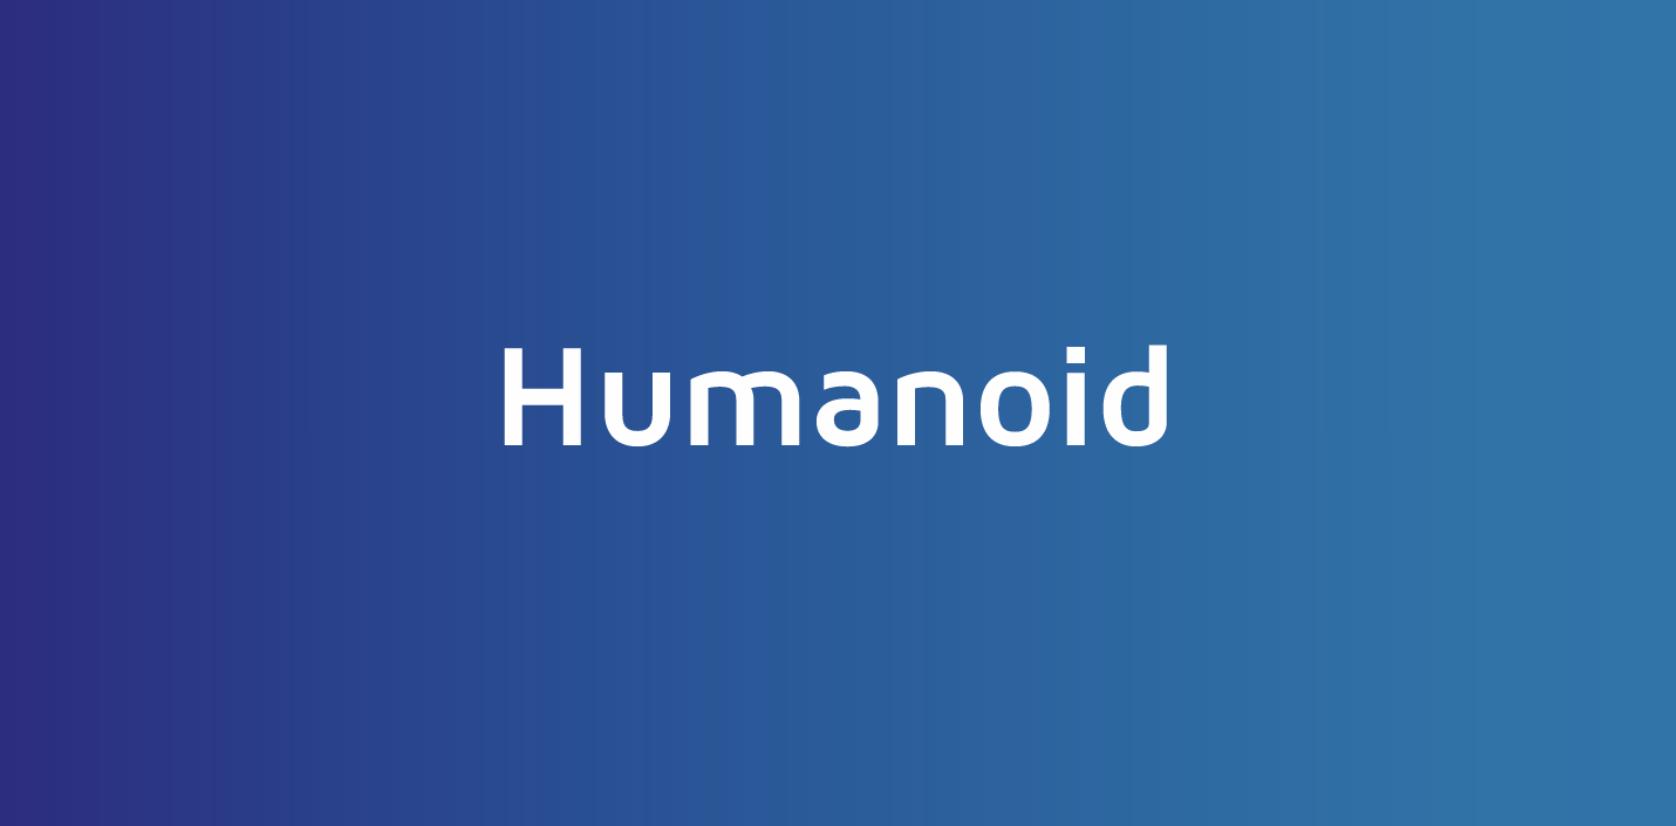 Humanoid, l'éditeur de FrAndroid et de Numerama, recrute plusieurs postes en CDI